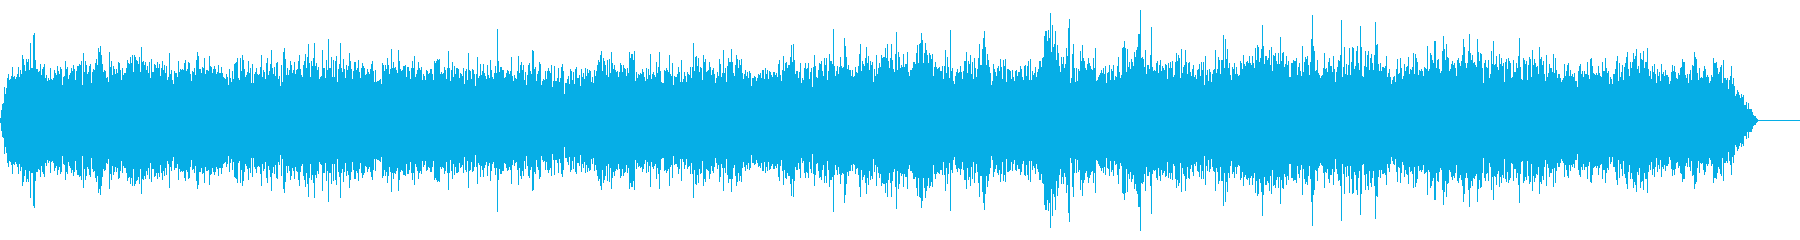 バッスル8アニメーションスペインの再生済みの波形